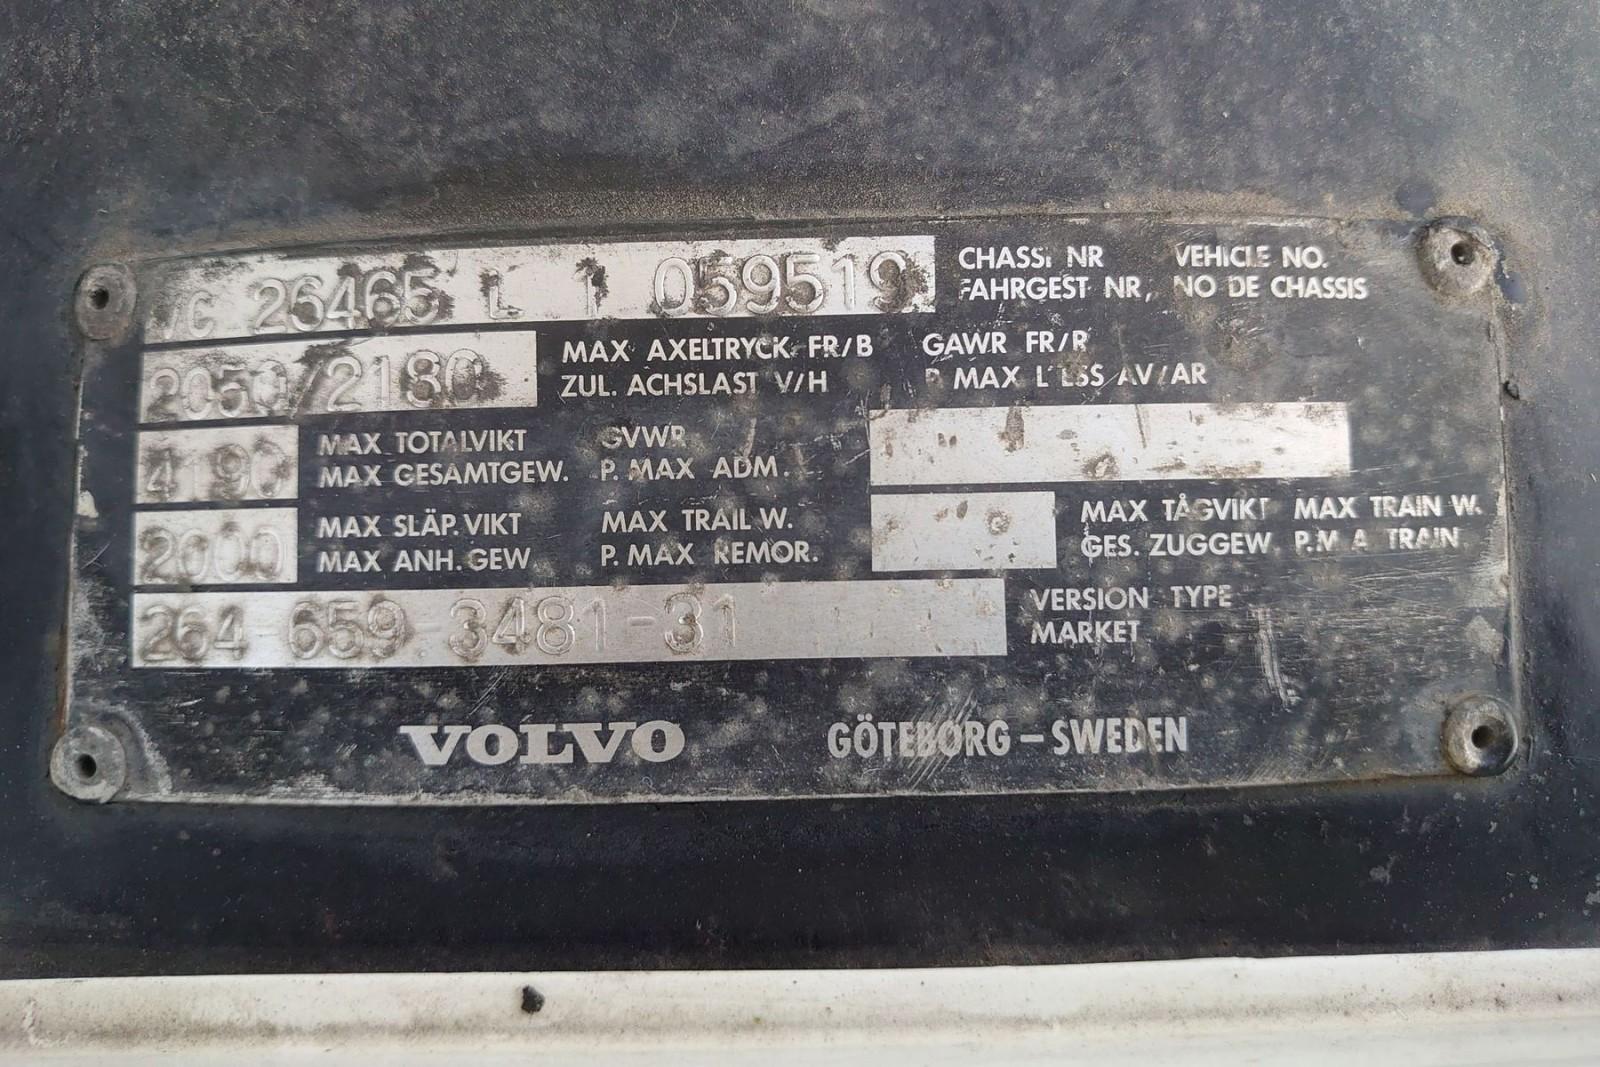 Hårda bud – Volvo 240 Turbo pickup på auktion!